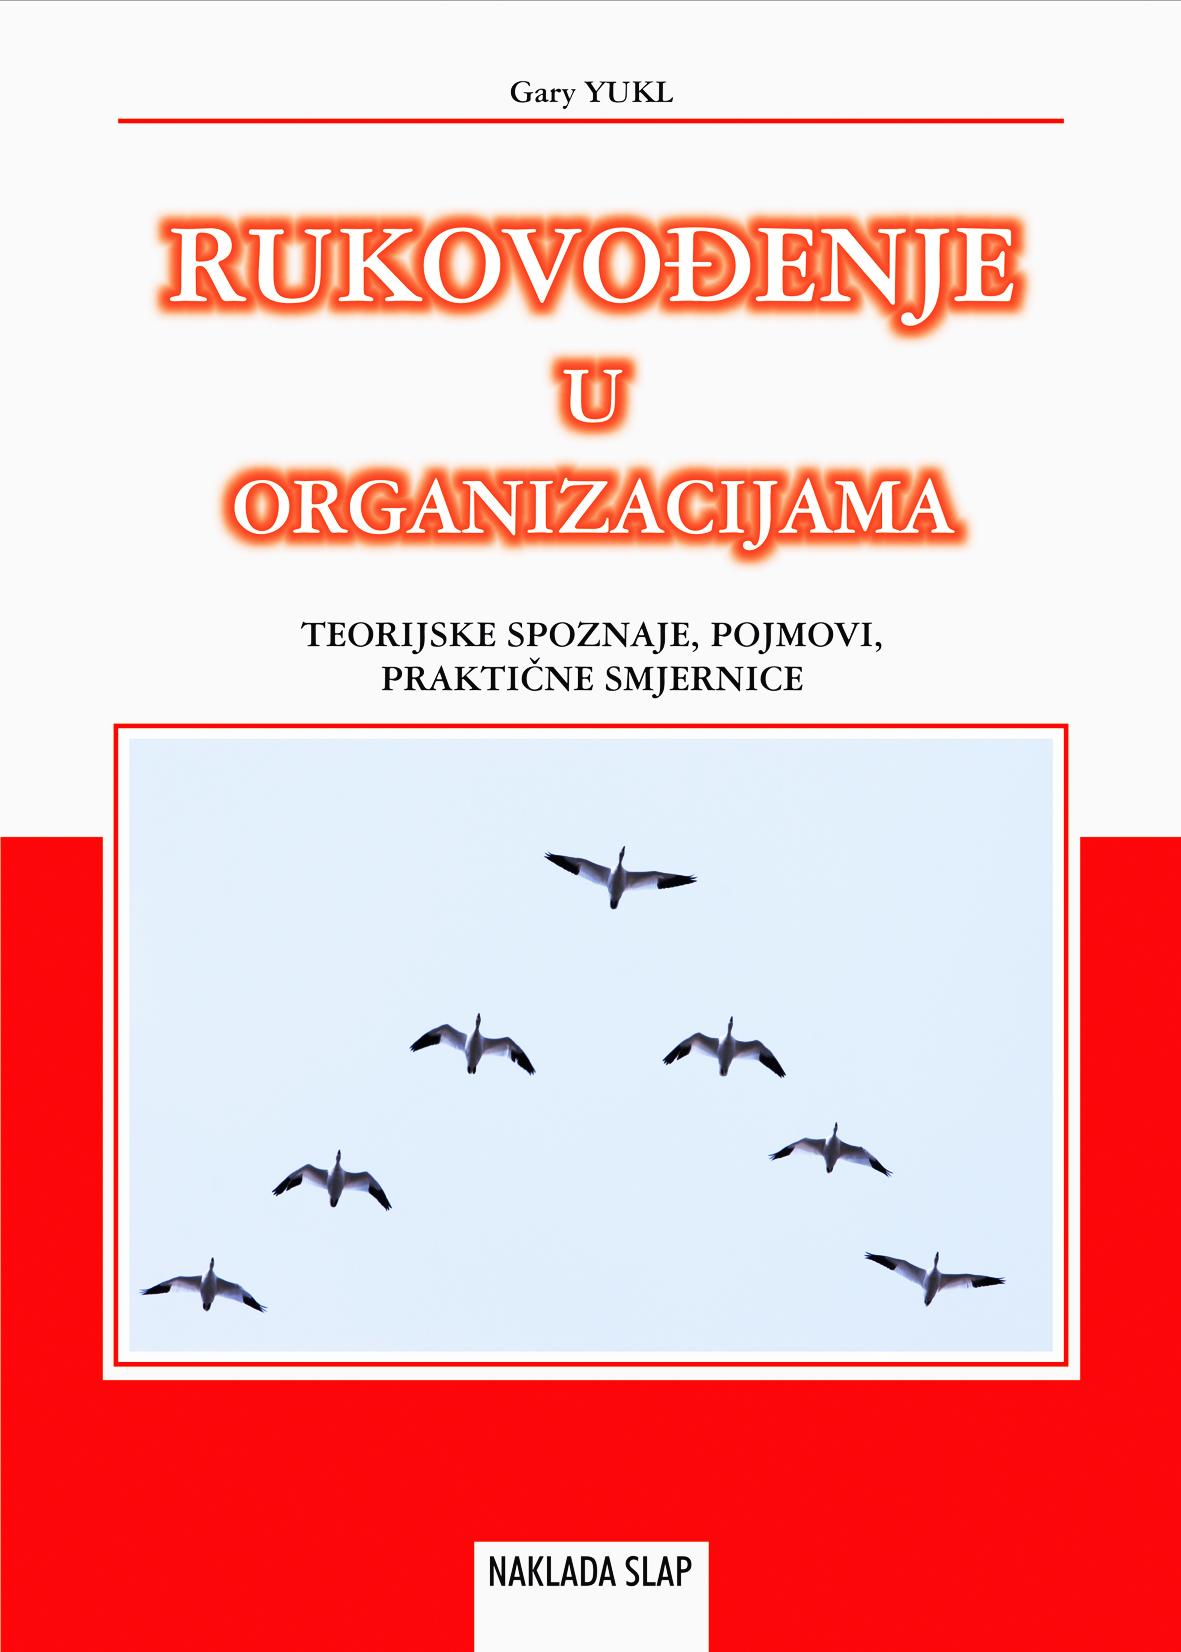 RUKOVOĐENJE U ORGANIZACIJAMA - Naruči svoju knjigu